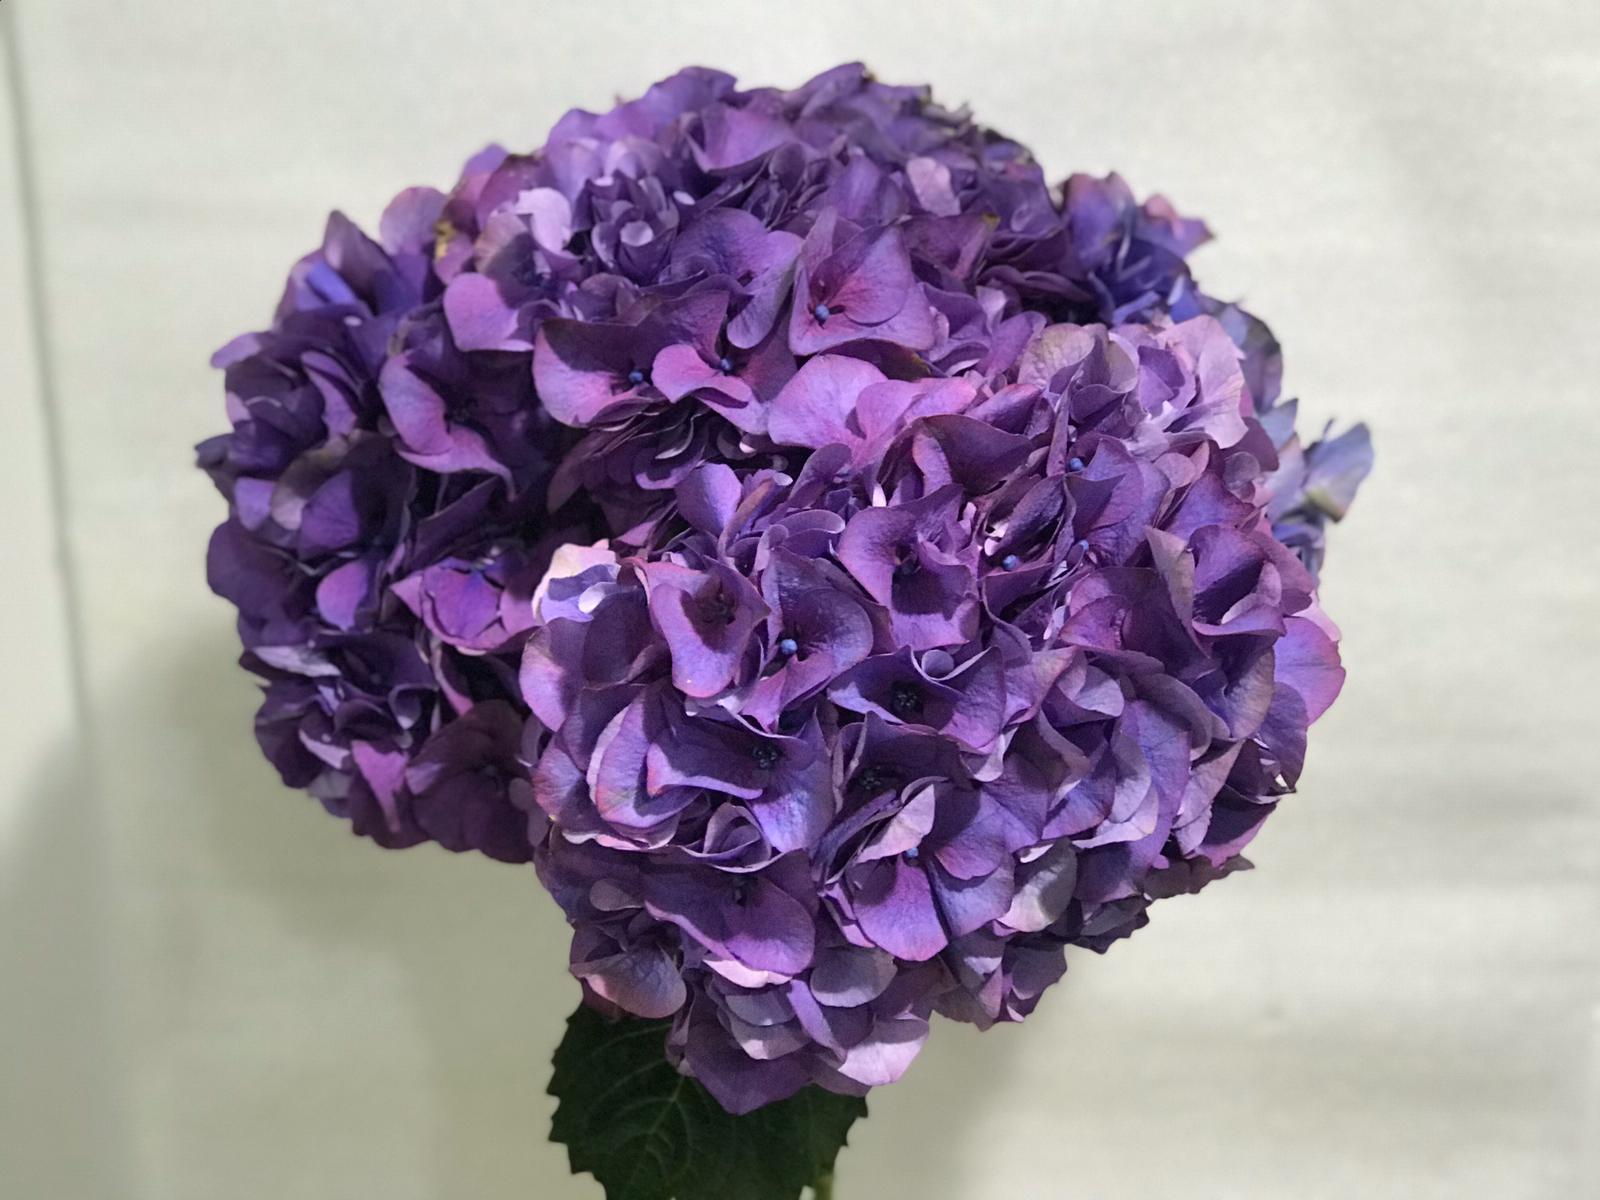 Hydrangea Dark Purple 'Wholesale Flowers'